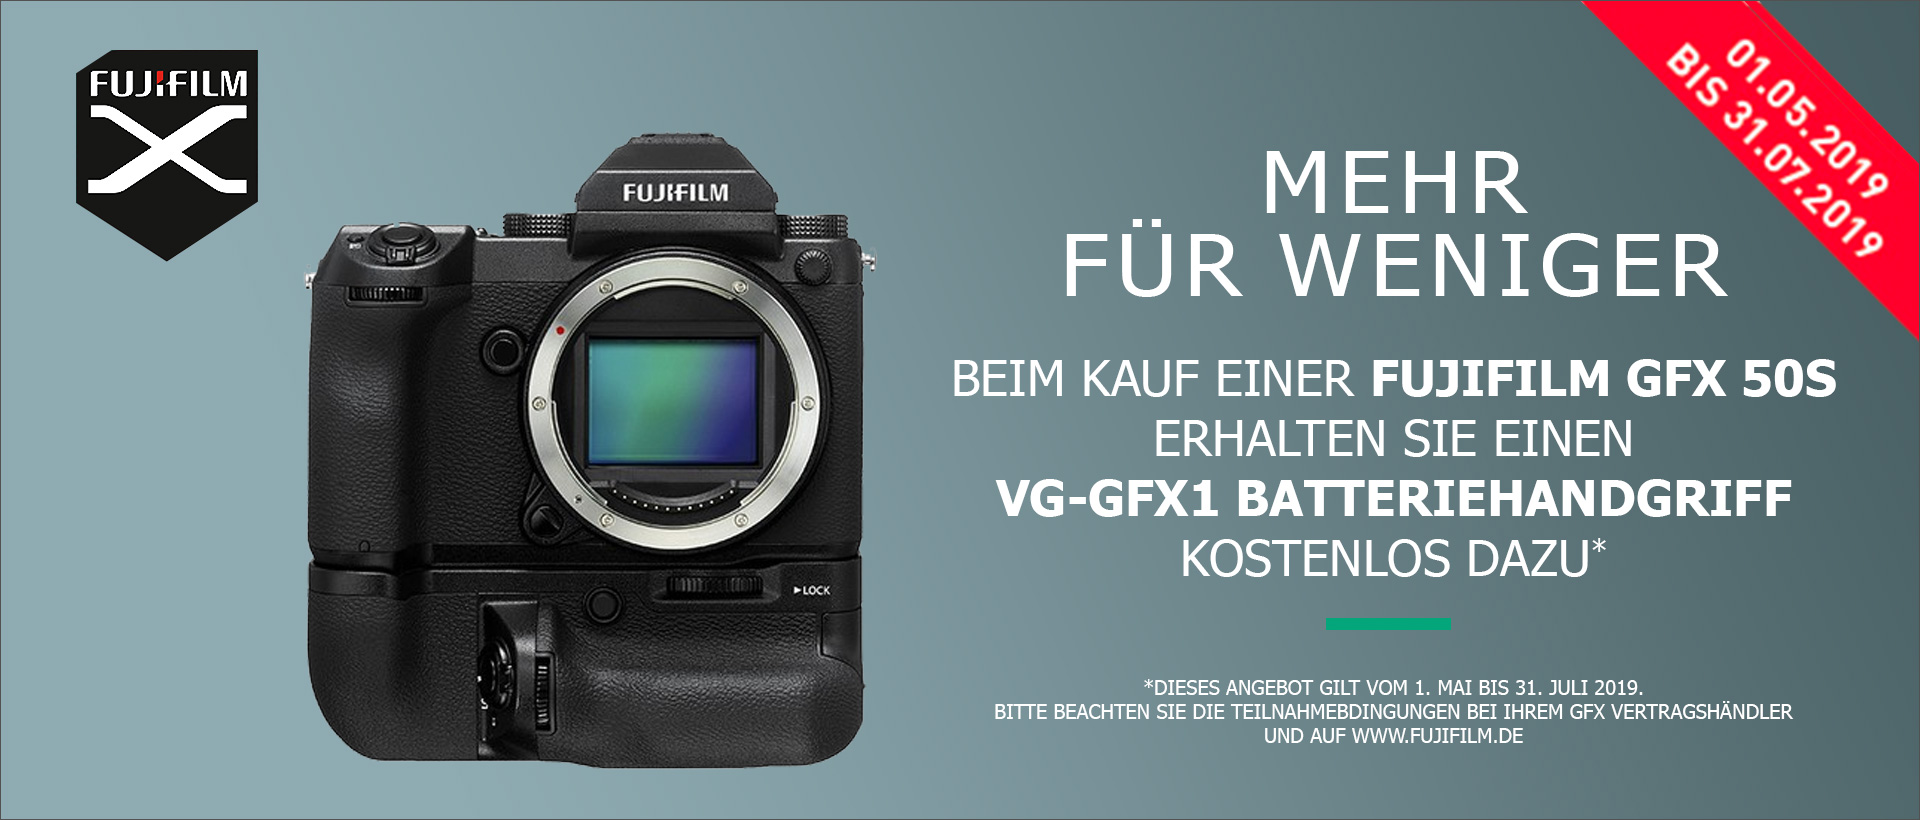 Fujifilm GFX 50S - Mehr für weniger!